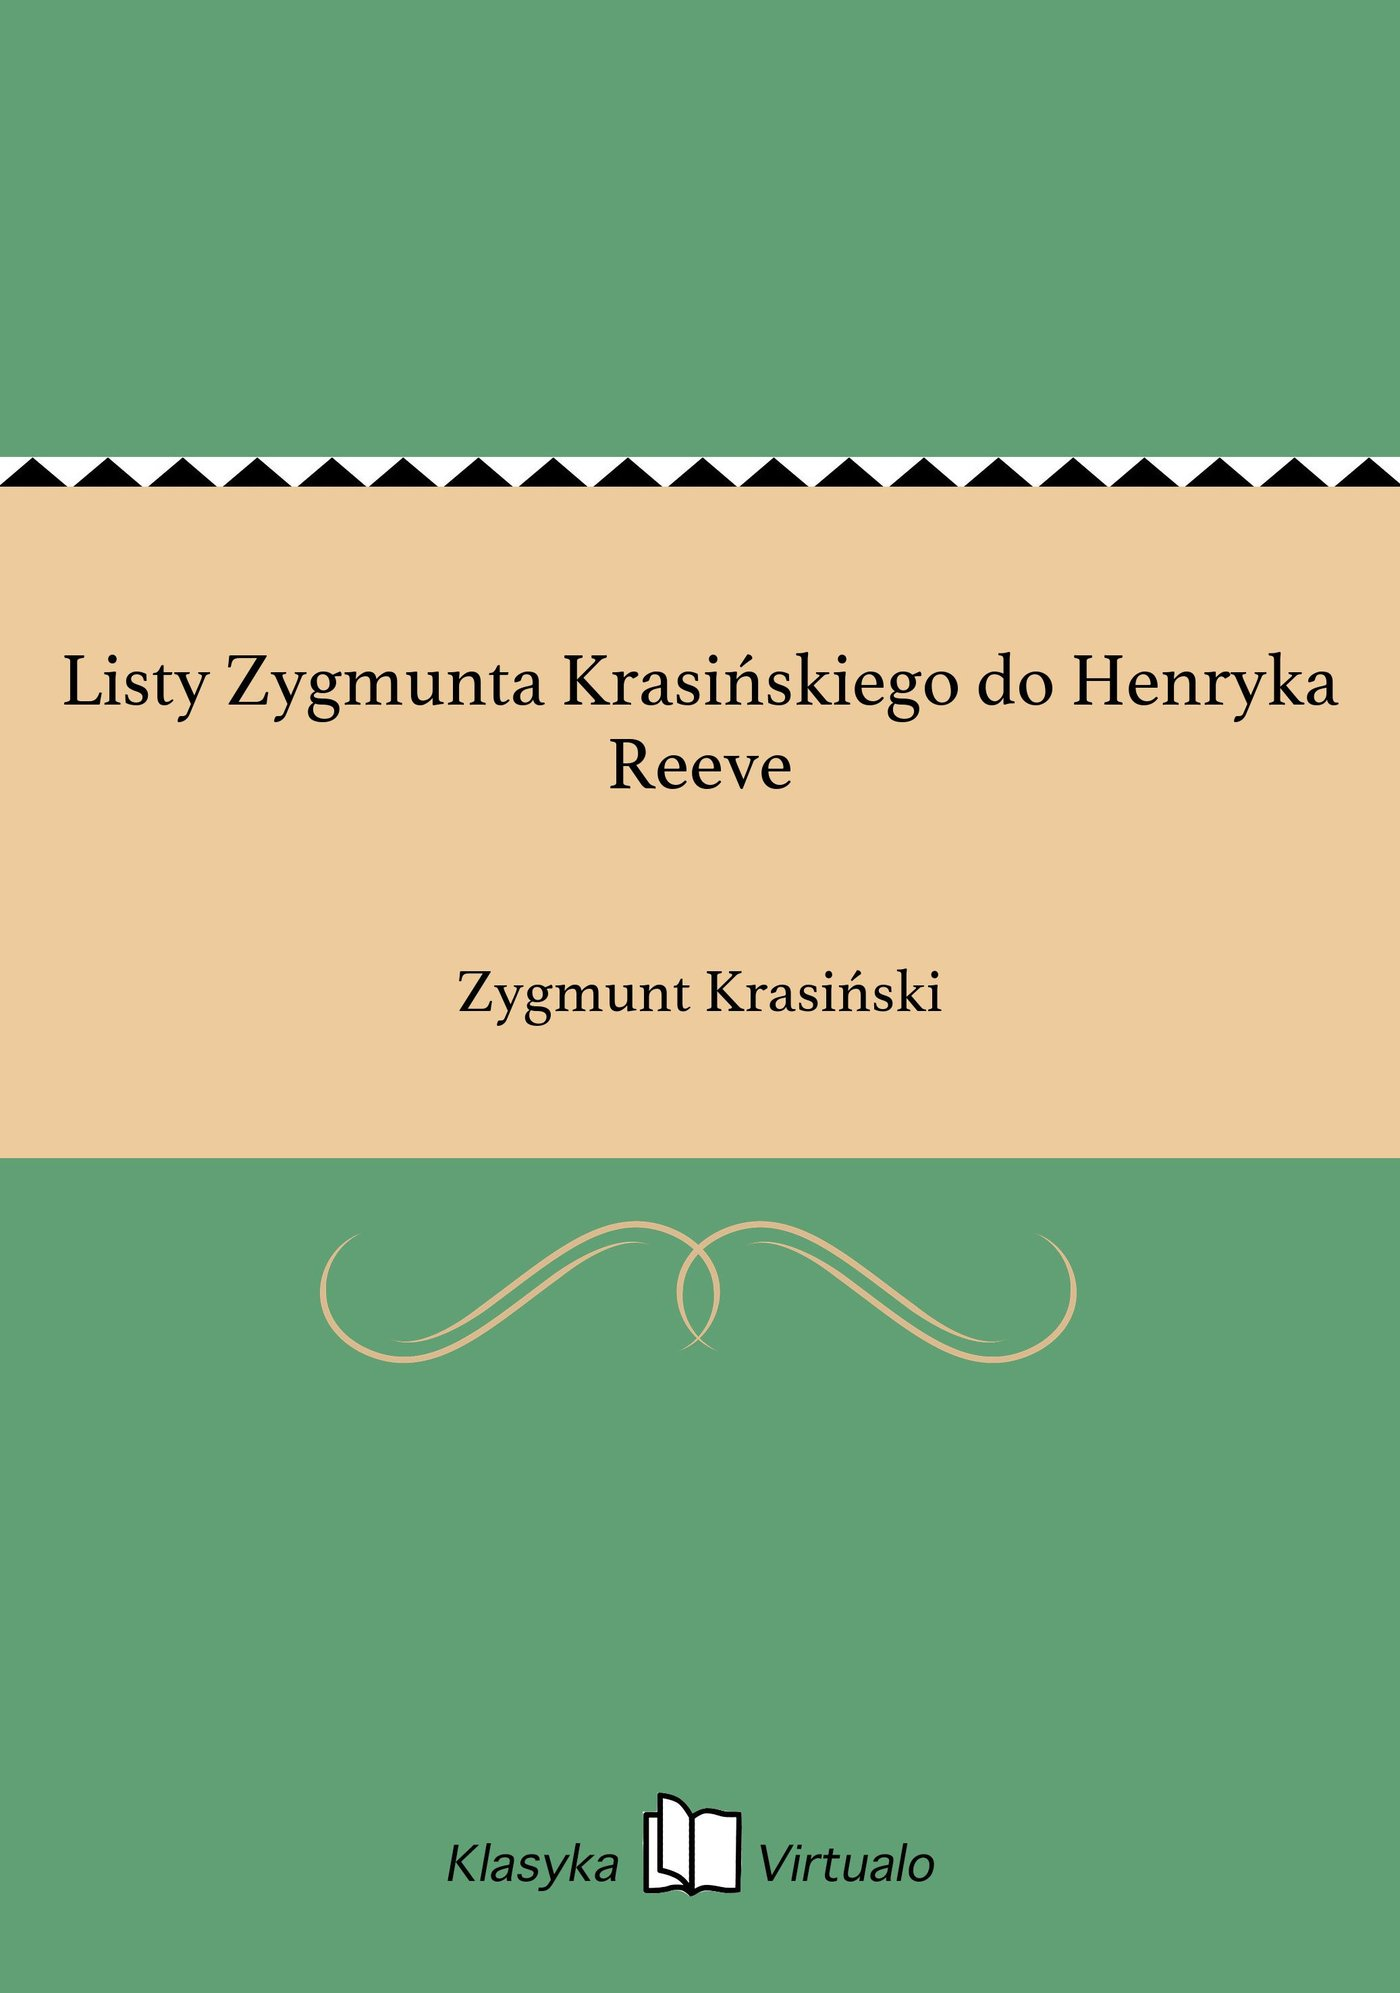 Listy Zygmunta Krasińskiego do Henryka Reeve - Ebook (Książka EPUB) do pobrania w formacie EPUB